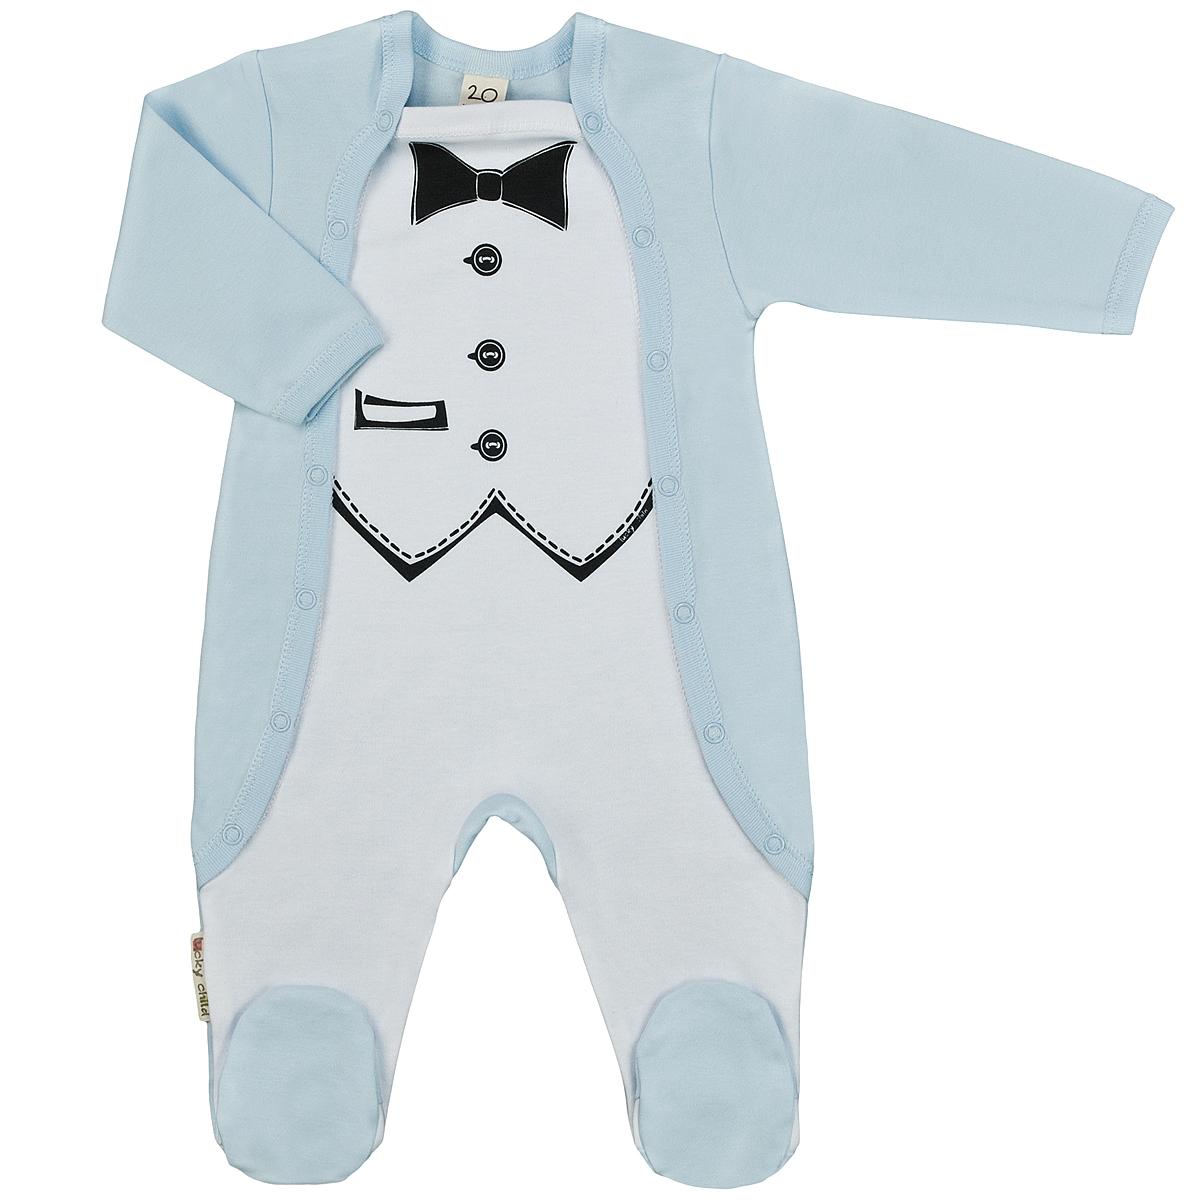 Комбинезон домашний3-22Детский комбинезон для мальчика Lucky Child - очень удобный и практичный вид одежды для малышей. Комбинезон выполнен из интерлока - натурального хлопка, благодаря чему он необычайно мягкий и приятный на ощупь, не раздражают нежную кожу ребенка и хорошо вентилируются, а эластичные швы приятны телу малыша и не препятствуют его движениям. Комбинезон с длинными рукавами и закрытыми ножками имеет застежки-кнопки по бокам от горловины до щиколоток, которые помогают легко переодеть младенца или сменить подгузник. Спереди он оформлен оригинальным принтом, имитирующим фрак с бабочкой. С детским комбинезоном Lucky Child спинка и ножки вашего малыша всегда будут в тепле, он идеален для использования днем и незаменим ночью. Комбинезон полностью соответствует особенностям жизни младенца в ранний период, не стесняя и не ограничивая его в движениях!